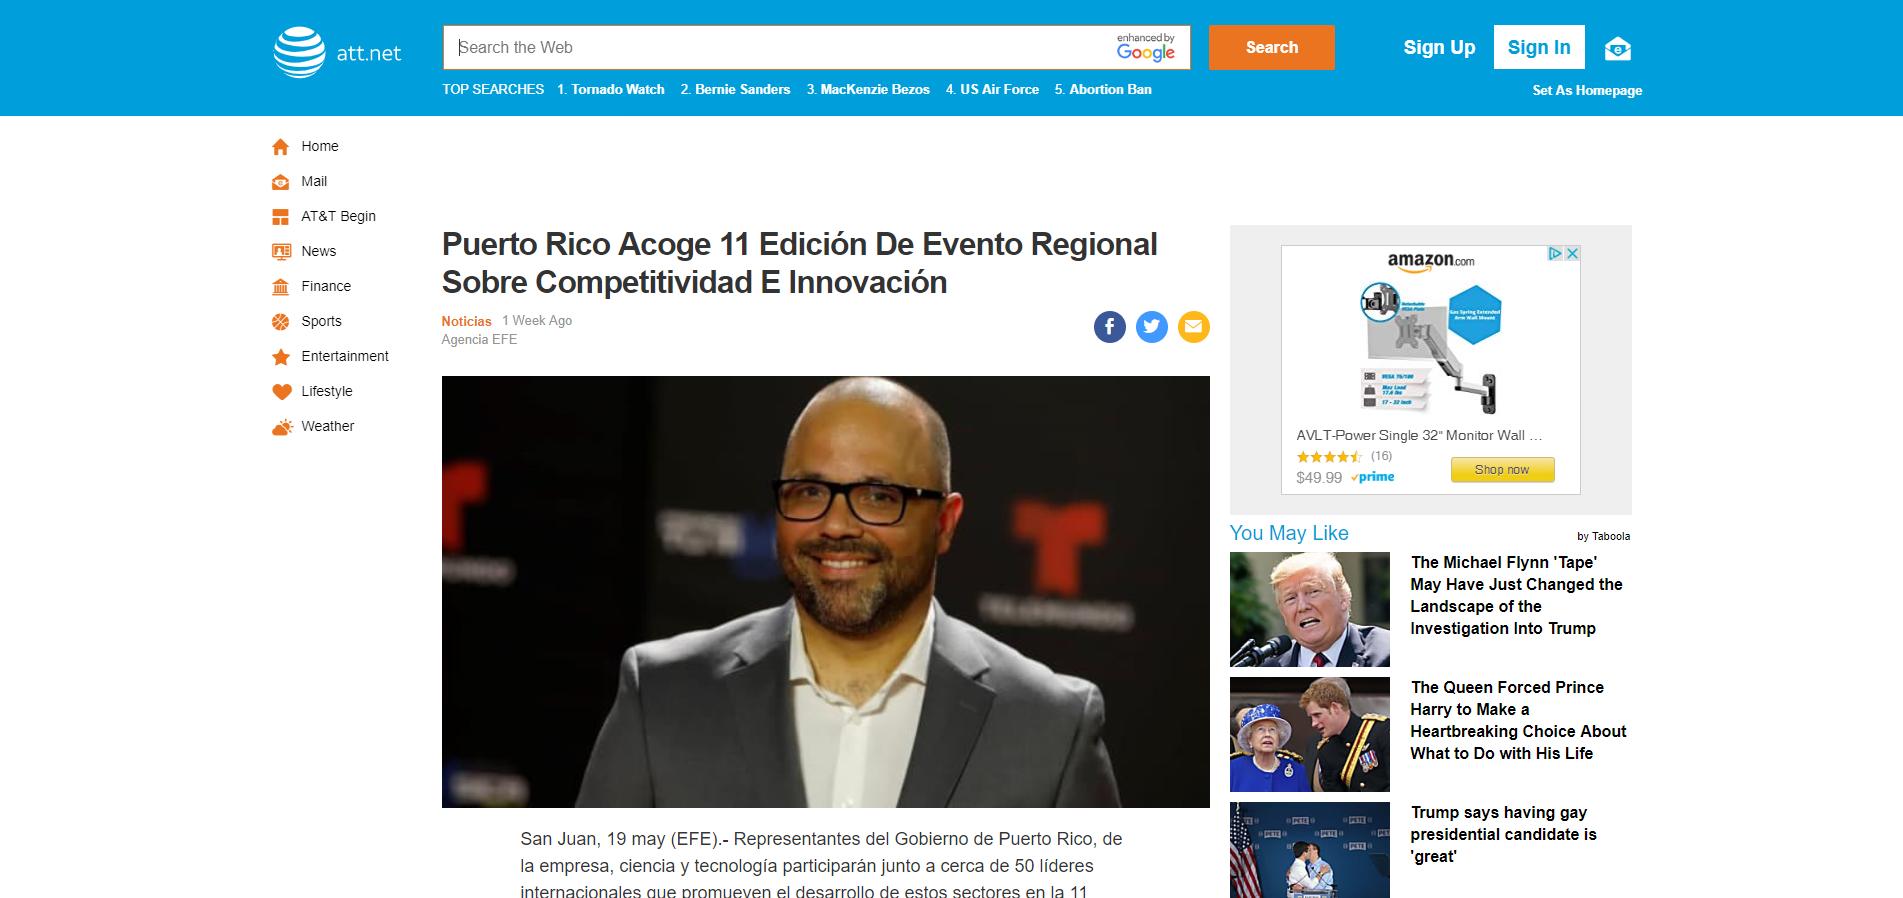 """""""Puerto Rico Acoge 11 Edición de Evento Regional Sobre Competitividad e Innovación"""", Agencia EFE, May 19, 2019,"""